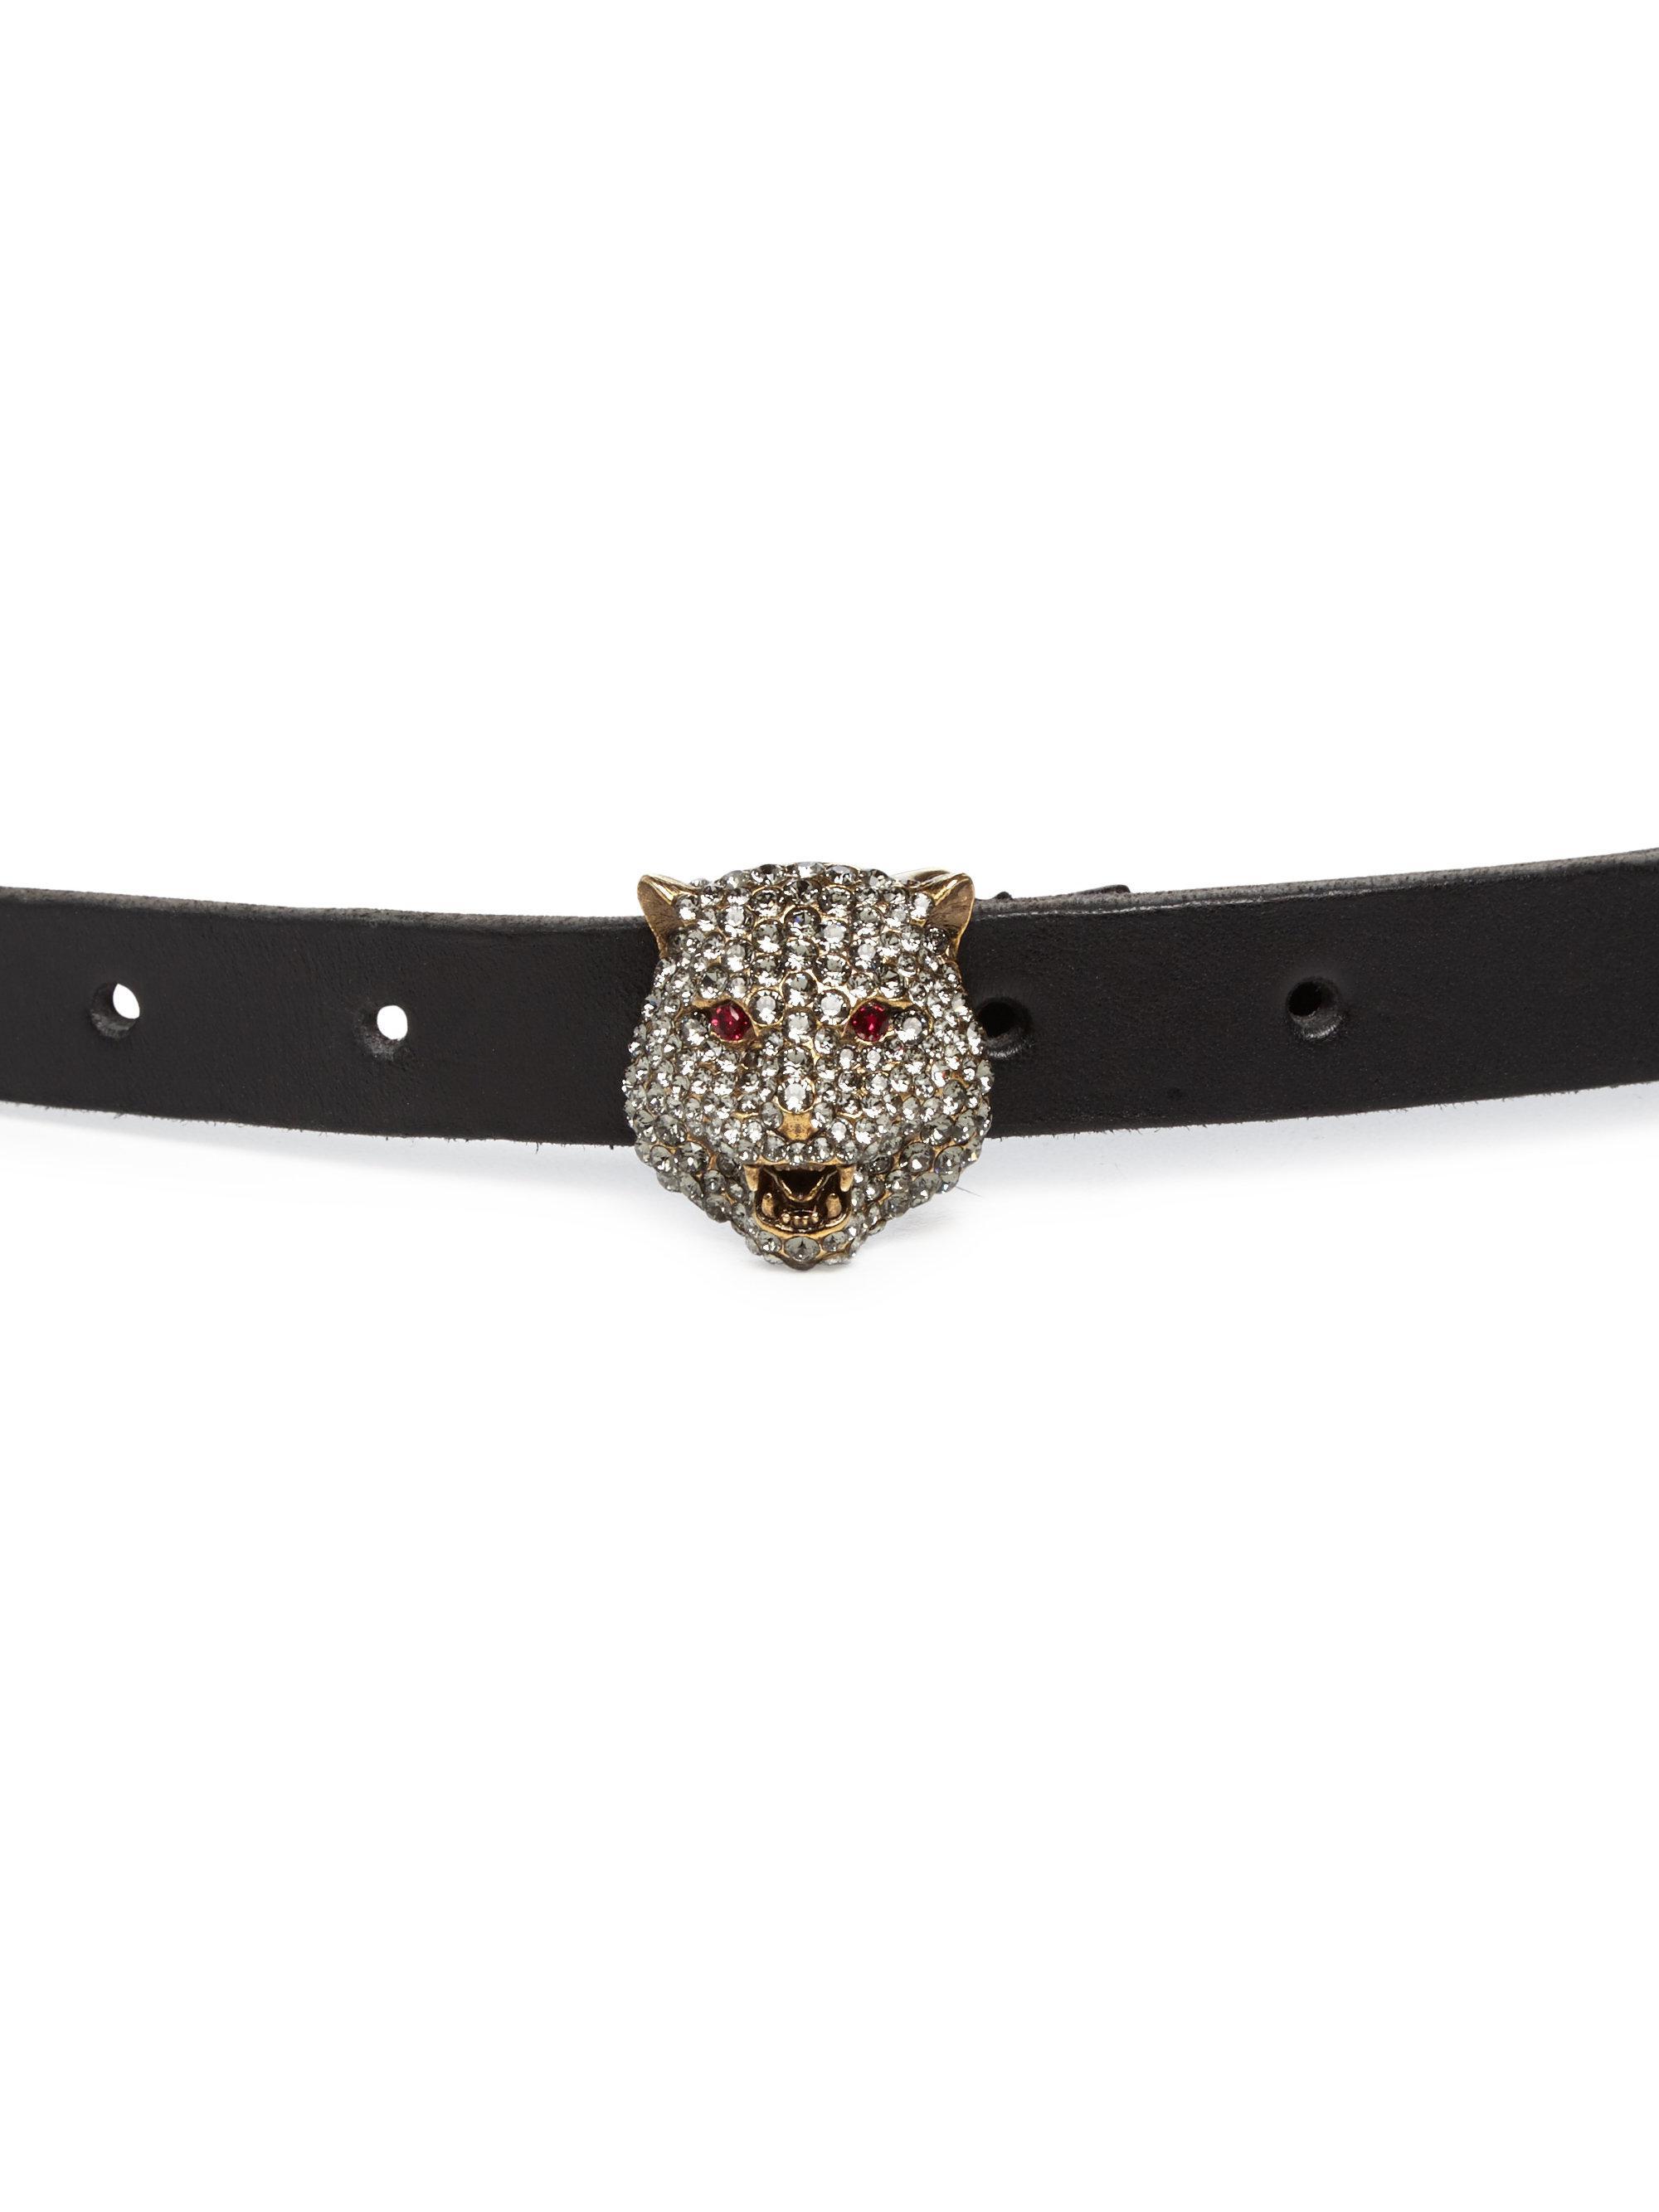 Ivory Crystal GG Elastic Belt Gucci hkQix